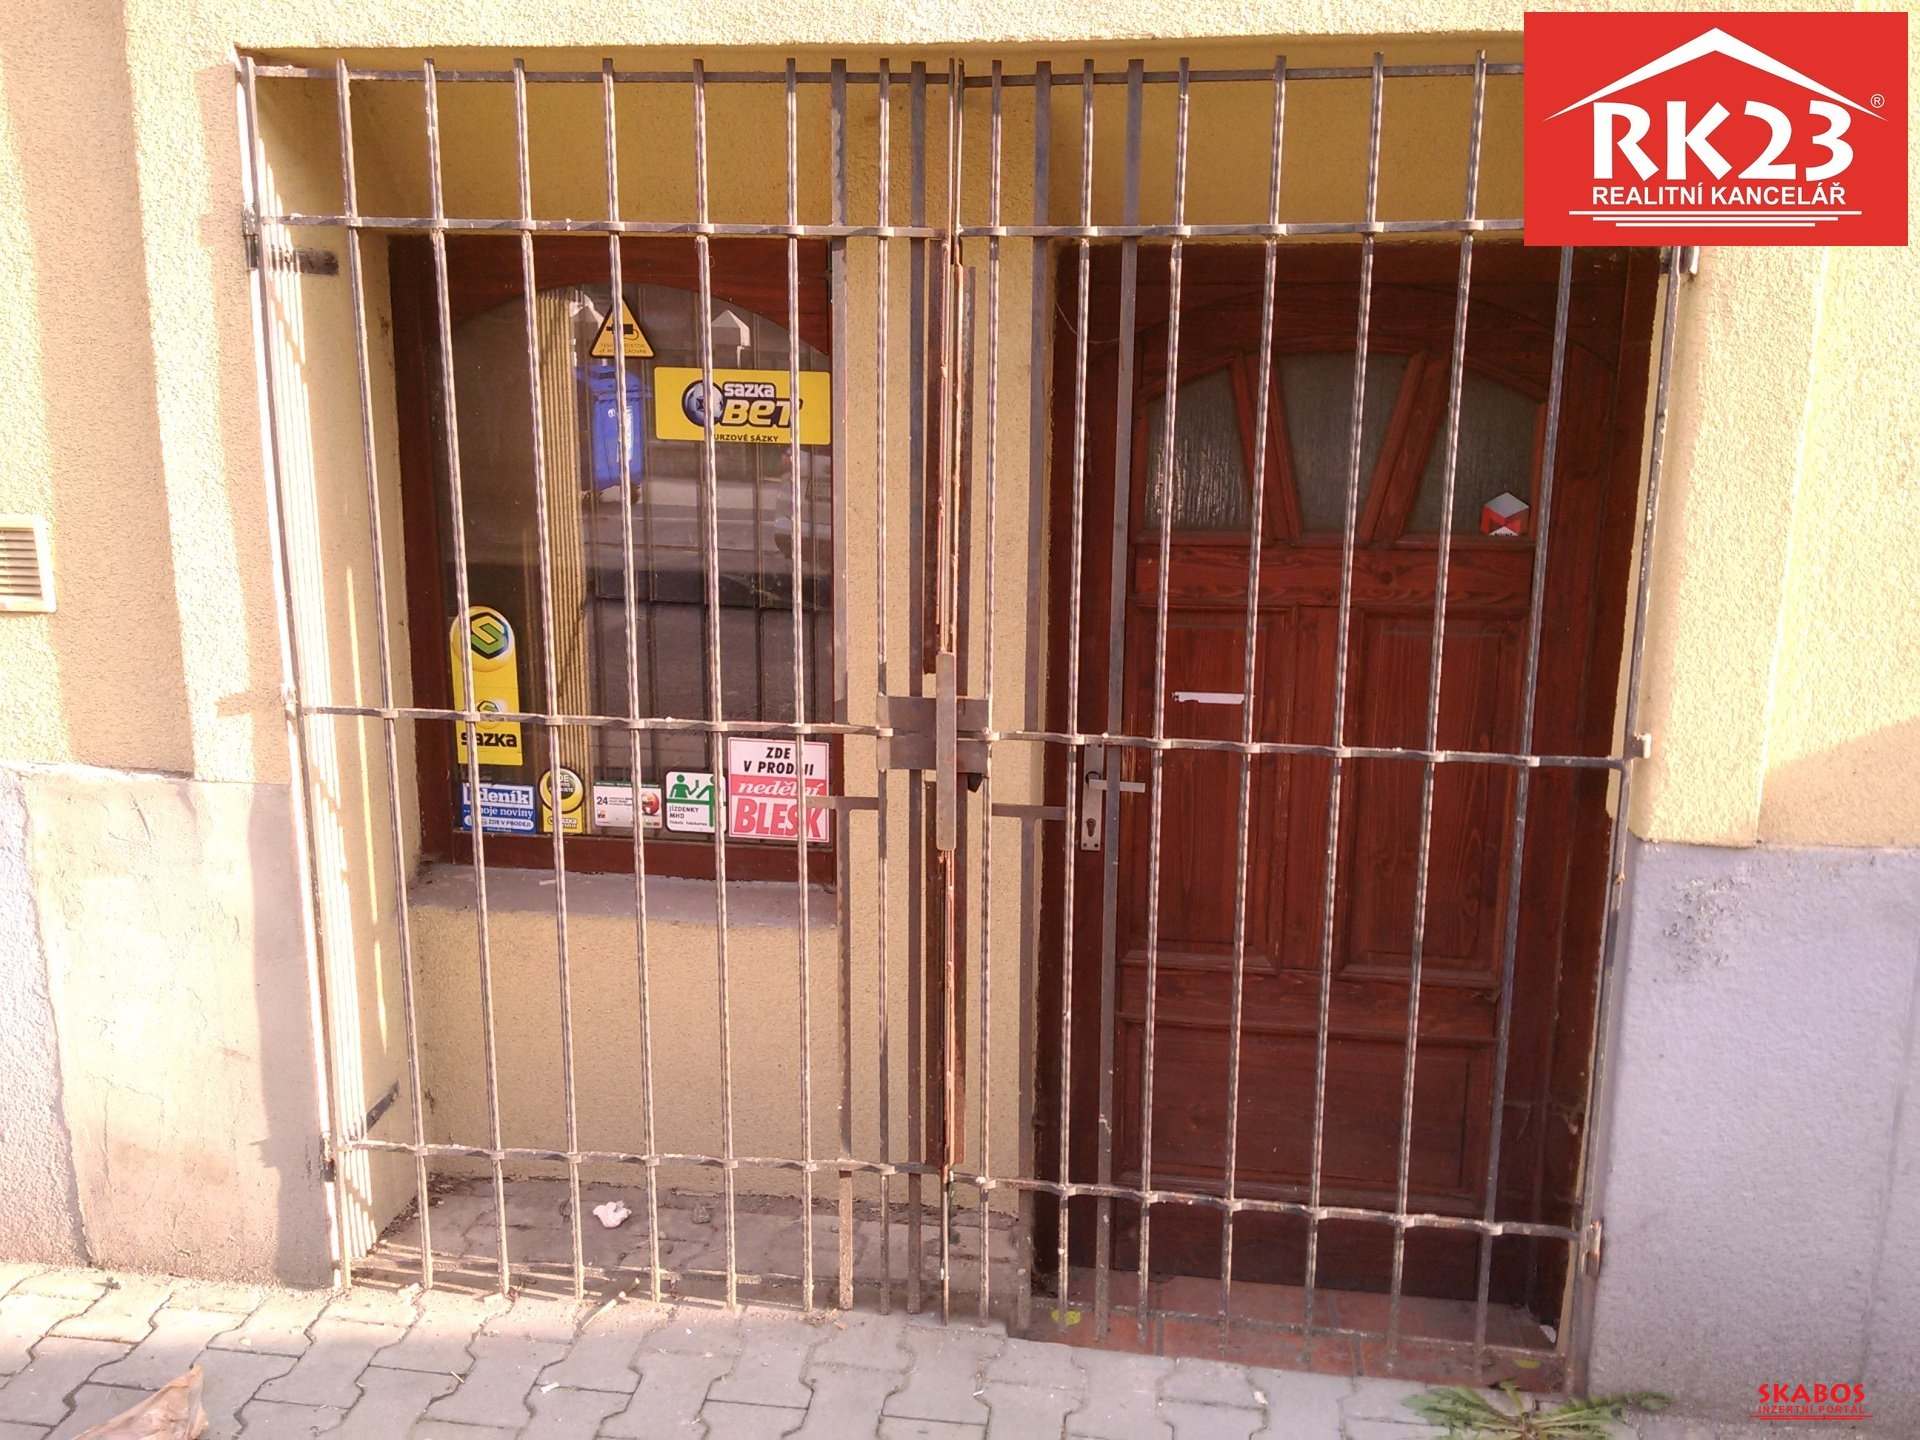 Pronájem, Sklad, Obchodní prostor 55 m2, Plzeň, Hruškova ul. (1/11)